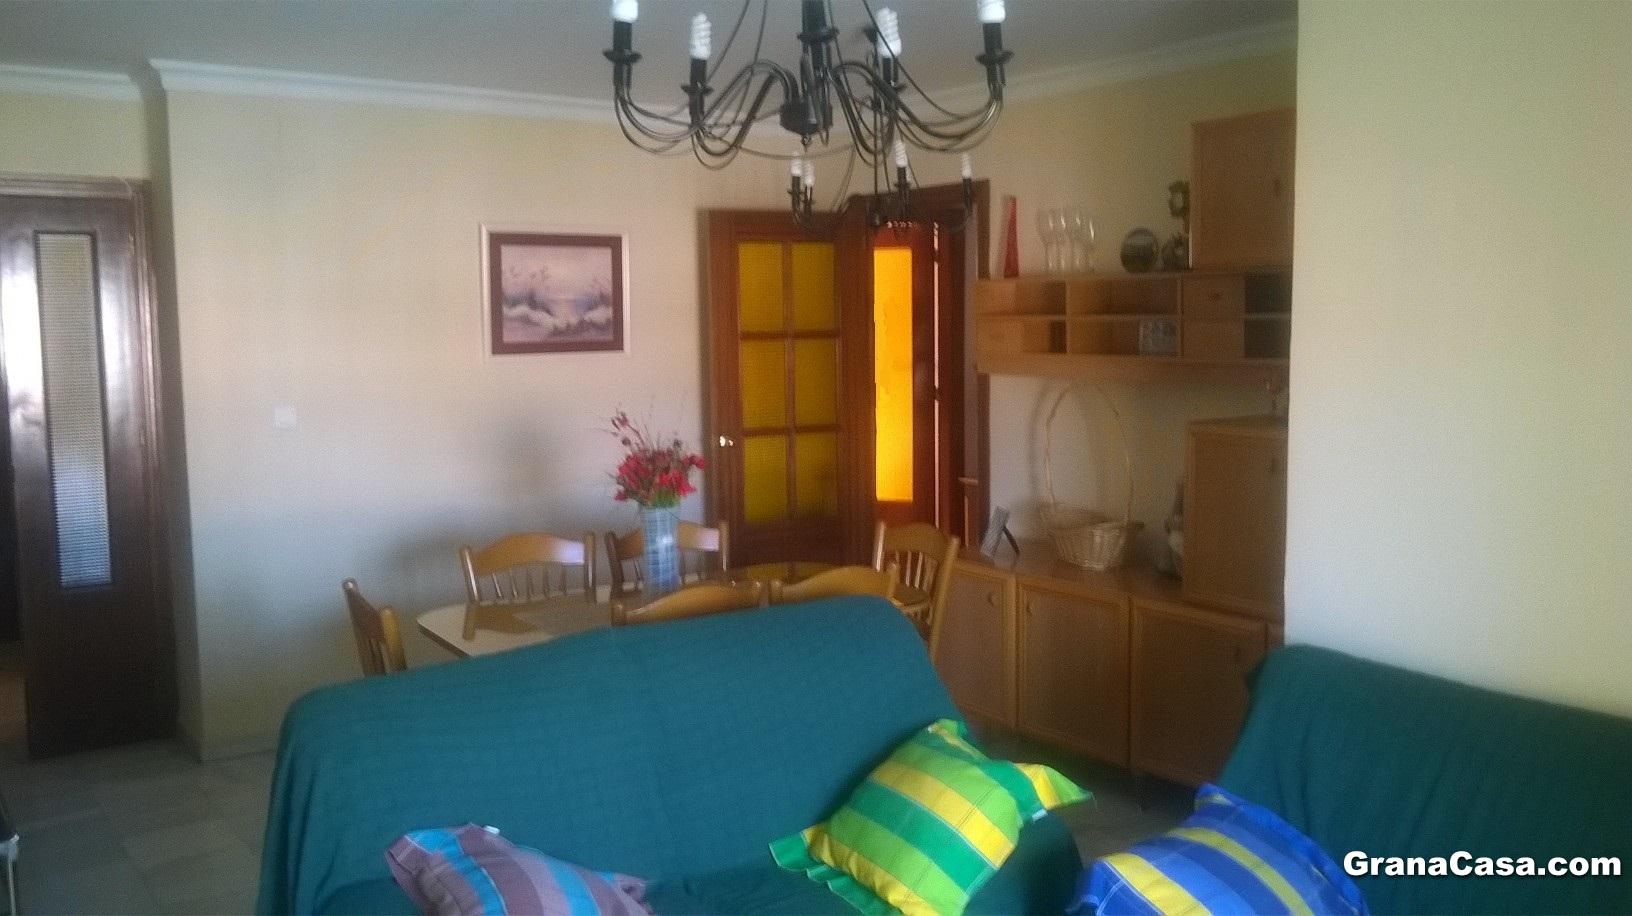 Alquiler de habitaci n en alcampo piso compartido Alquiler de habitacion en piso compartido